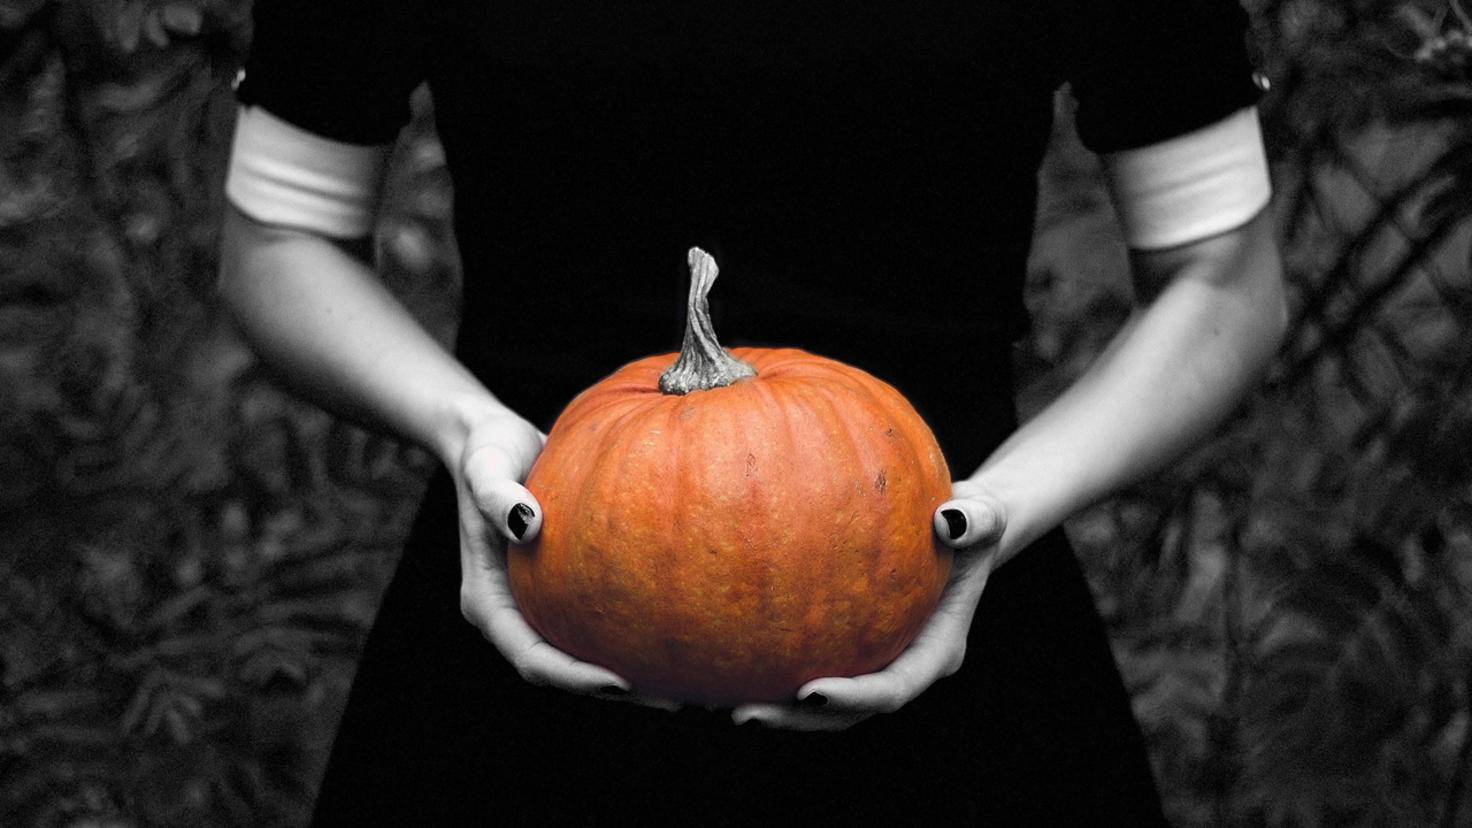 Gruselige Bilder (und Kürbis) machen Halloween zum schaurig-schönen Brauch